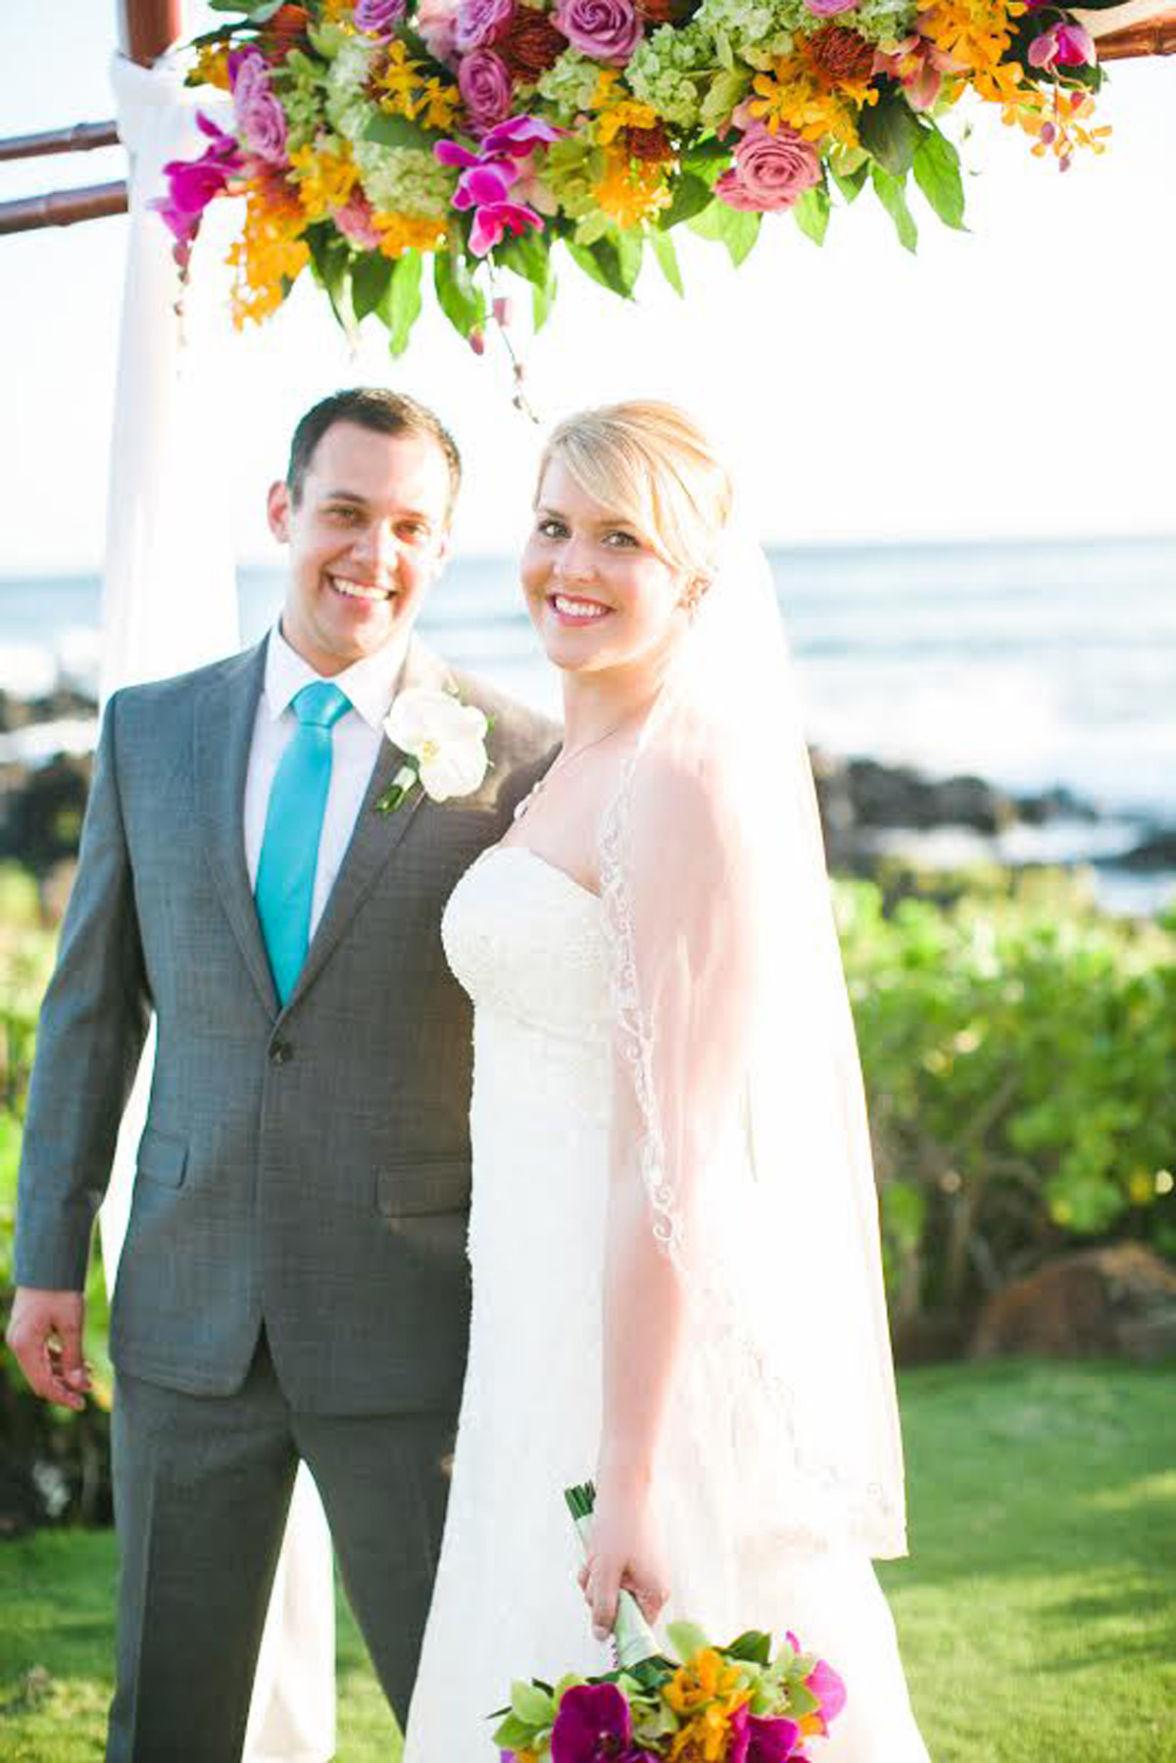 Joshua Salas and Lauren Ramey